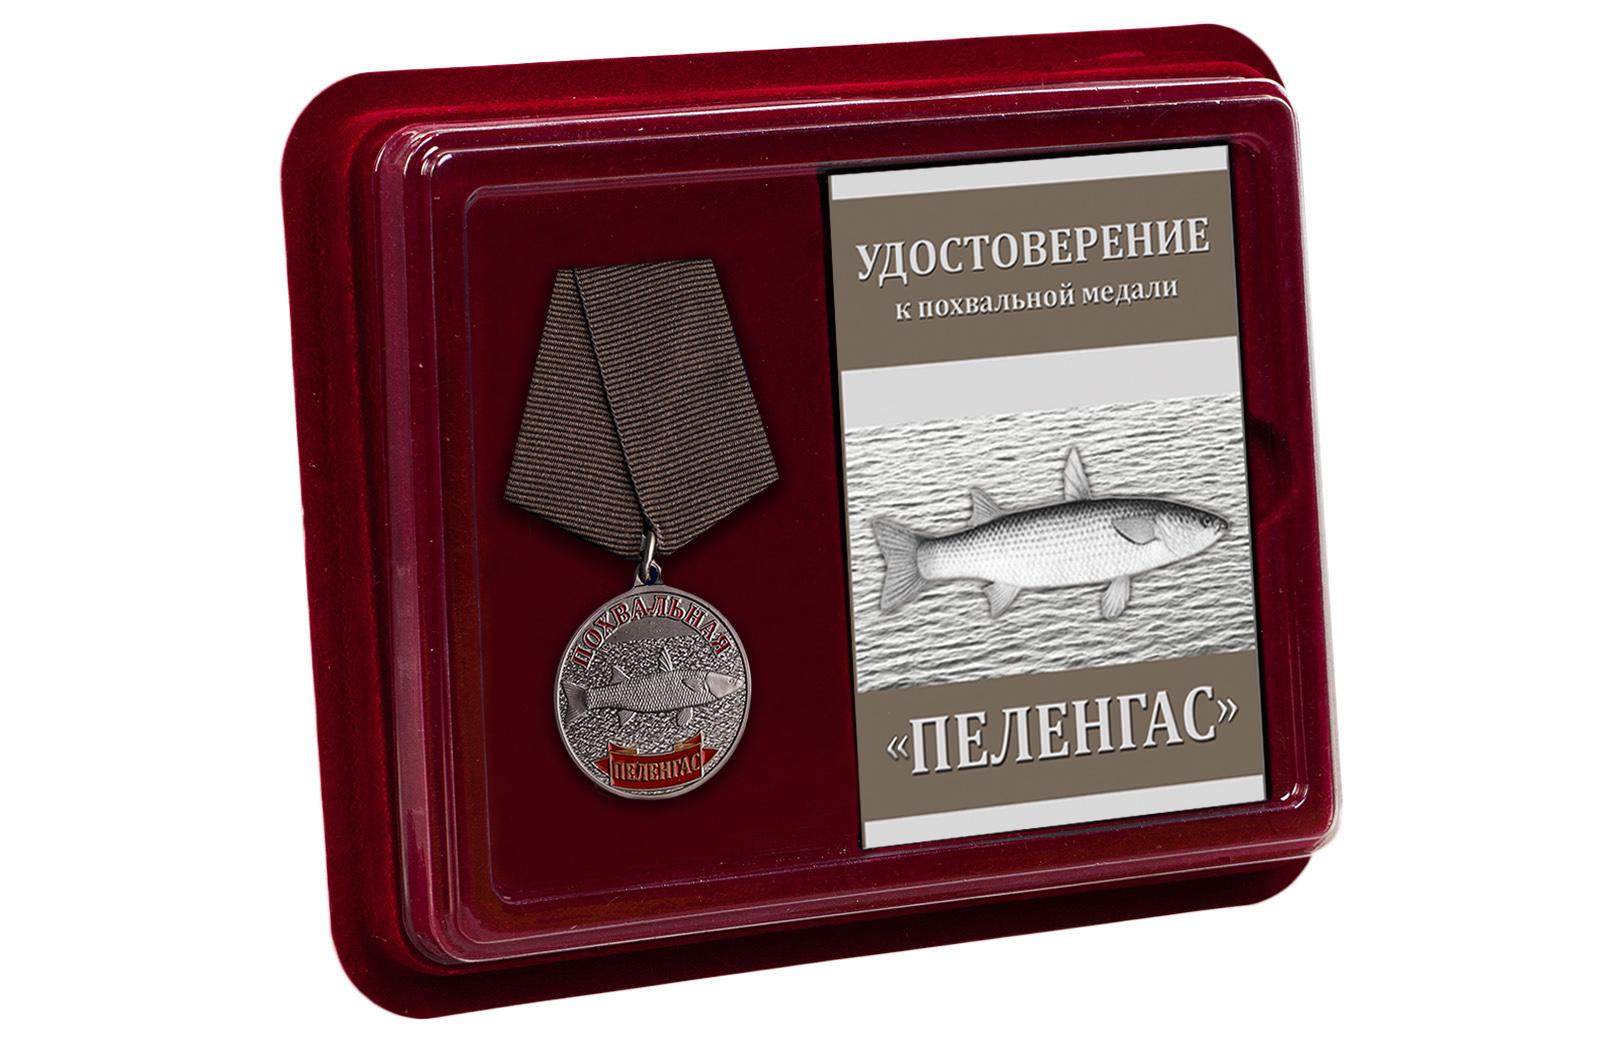 Купить медаль Пеленгас с доставкой в ваш город онлайн выгодно